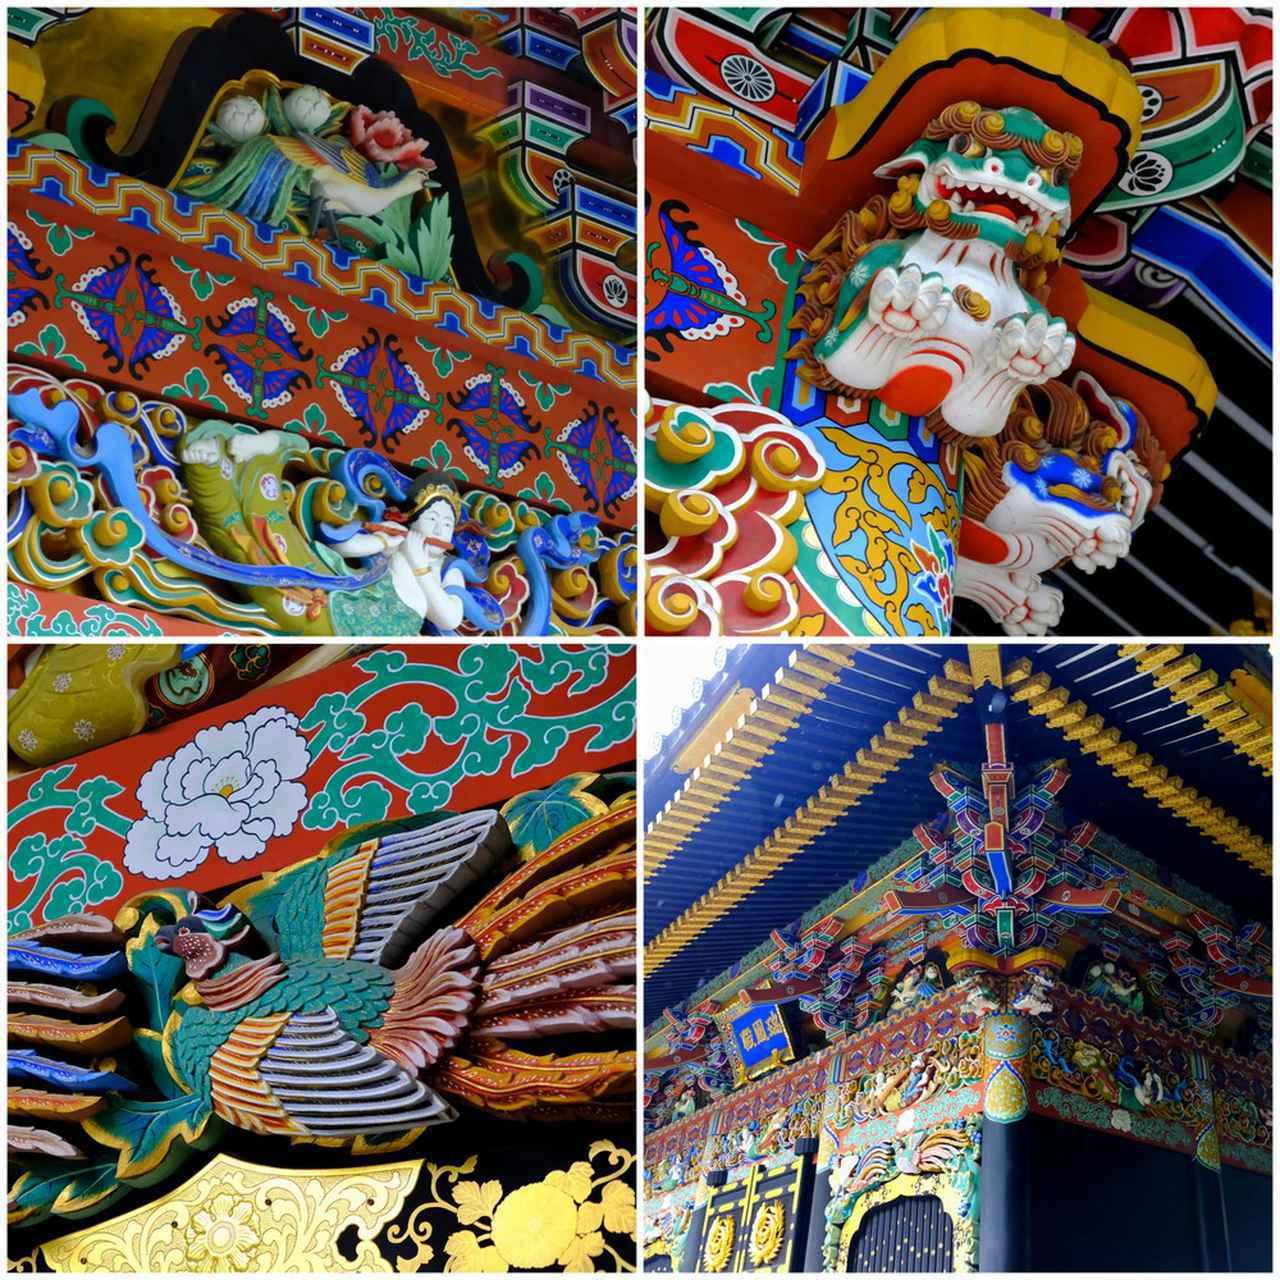 画像: 近づいて見ることが出来ます。瑞鳥や飛天、鳳凰などを立体的に形作った彫刻で飾られていて、まさに江戸初期廟建築の代表格です。